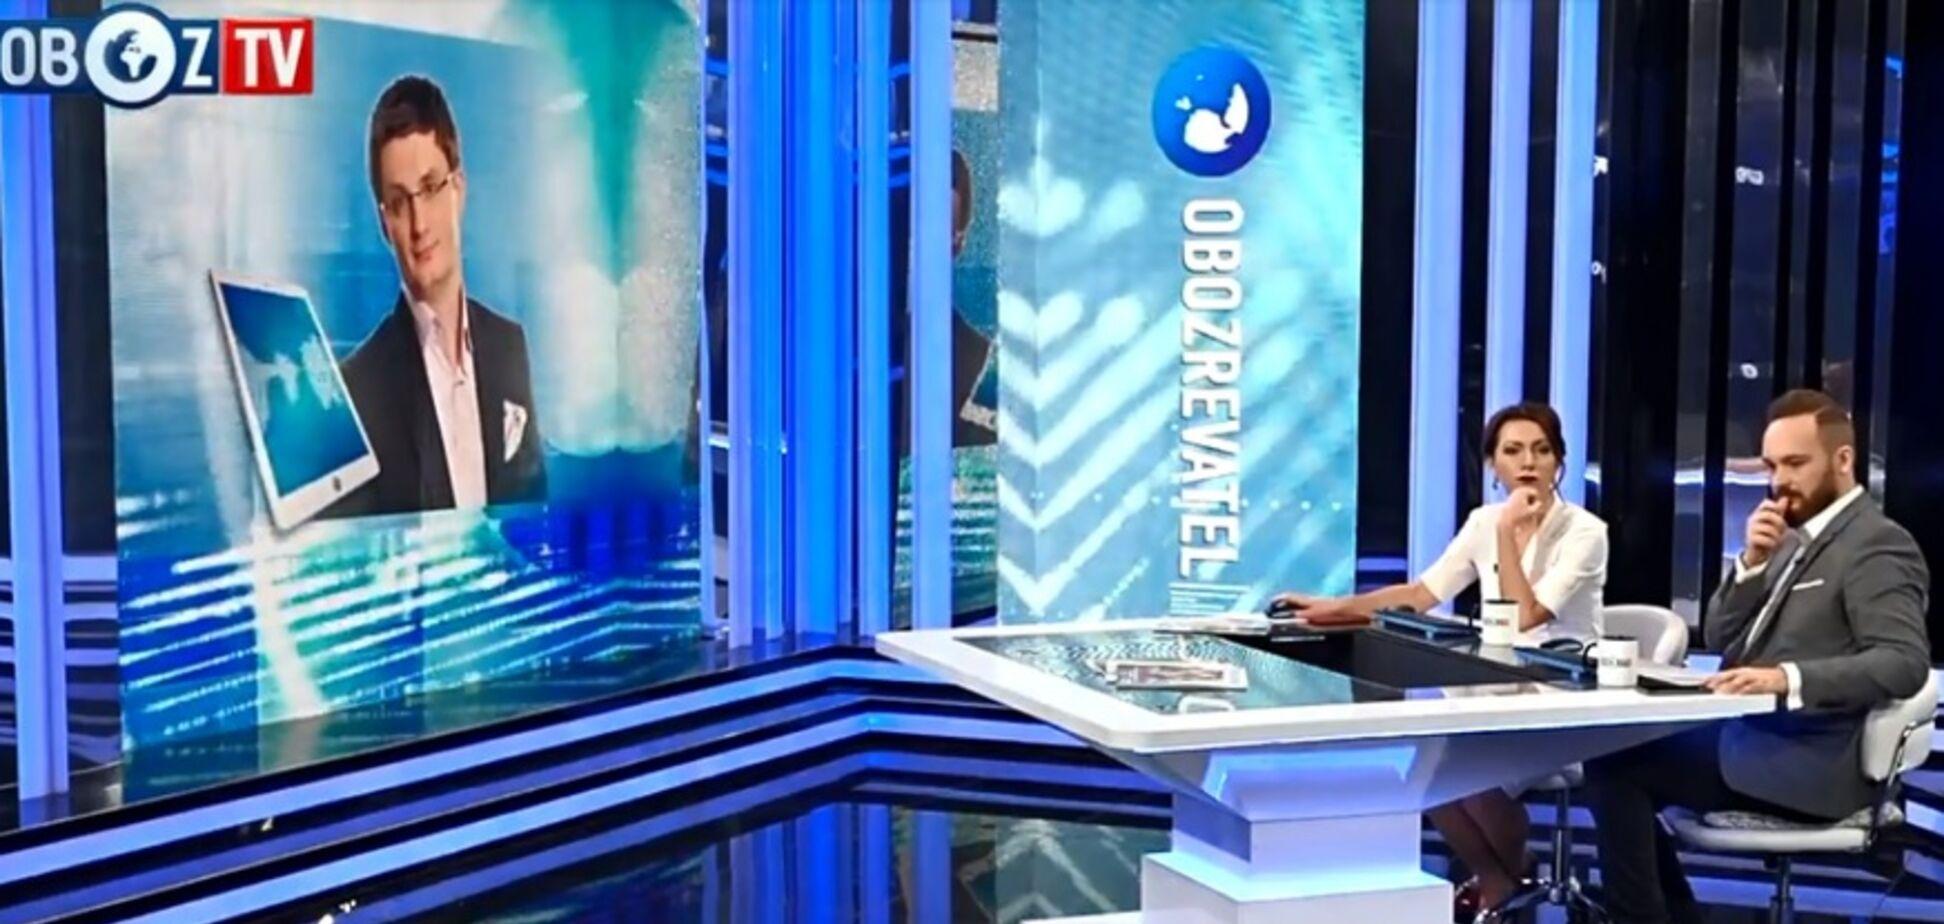 'Думають д*пою!' Кондратюк закликав заборонити гастролі фанатів Путіна в Україні